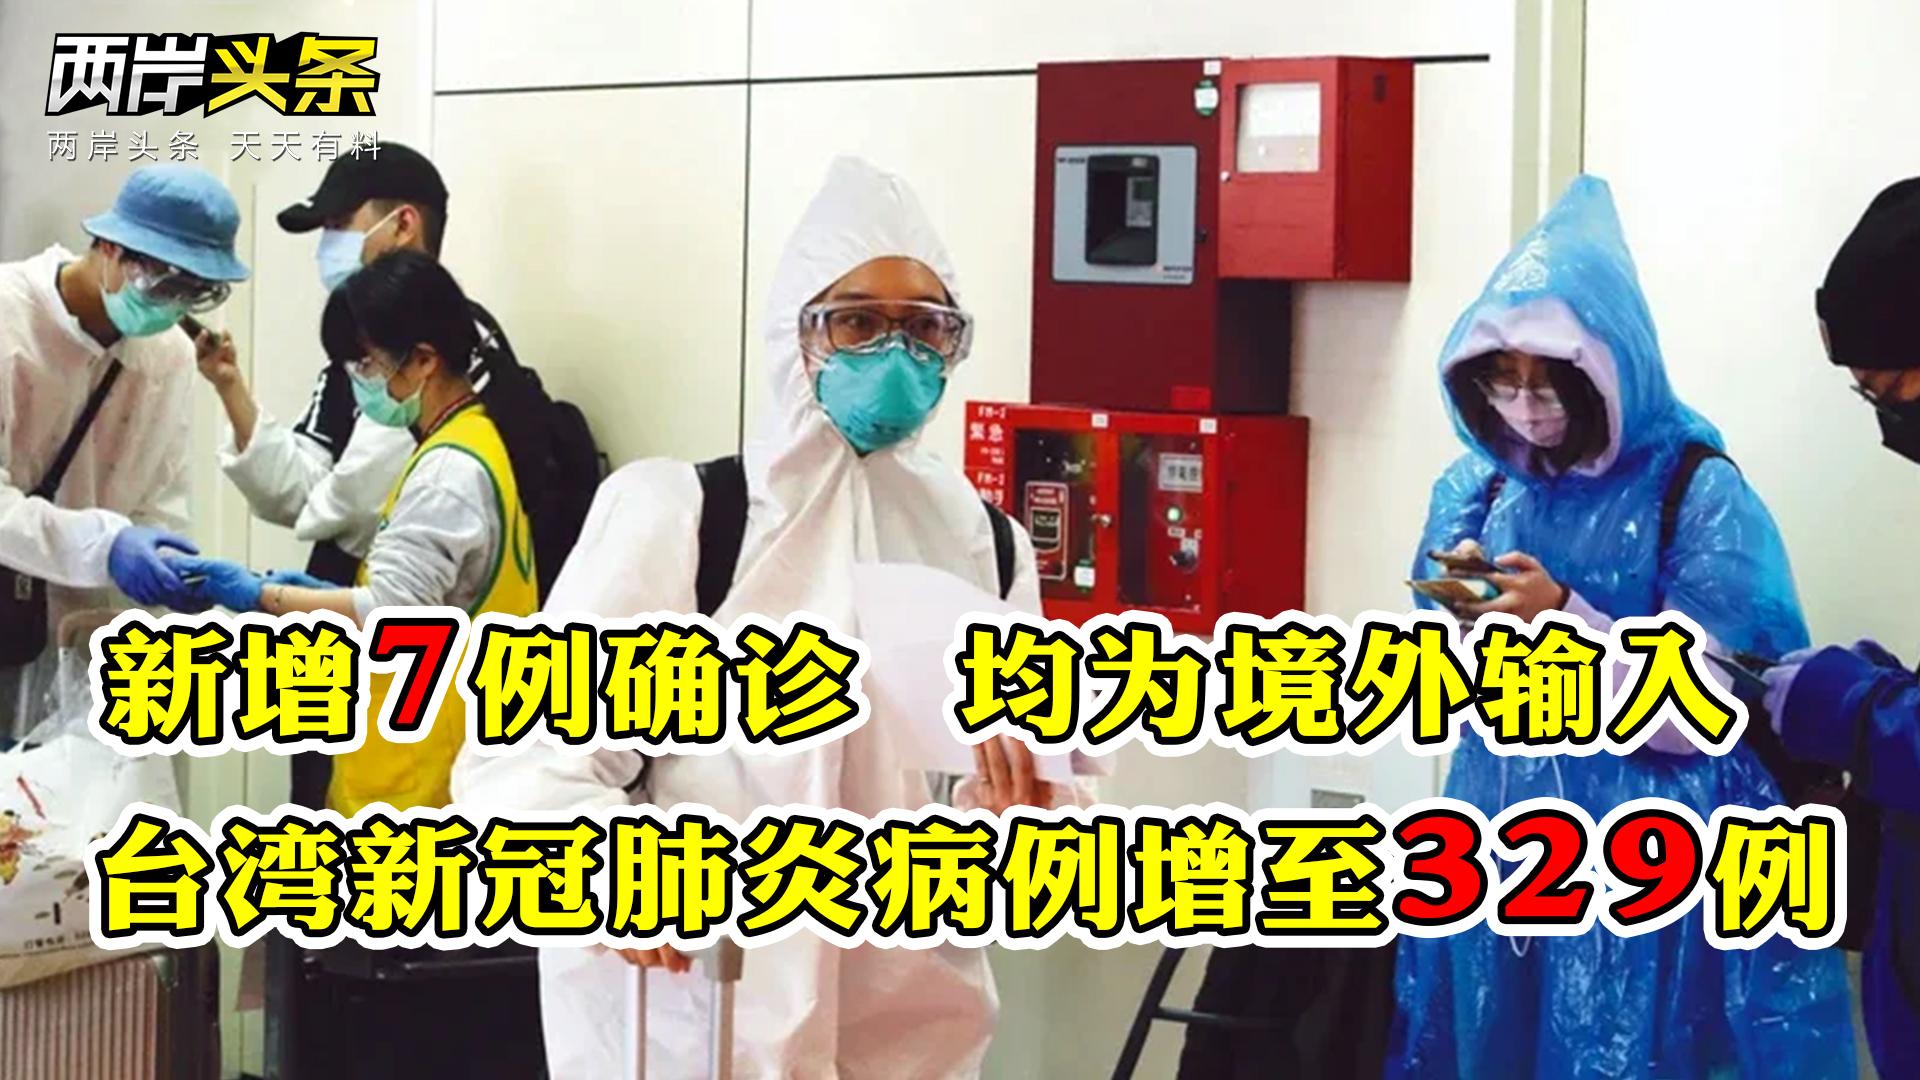 累計329例 臺灣新增7例新冠肺炎確診病例 均為境外輸入圖片